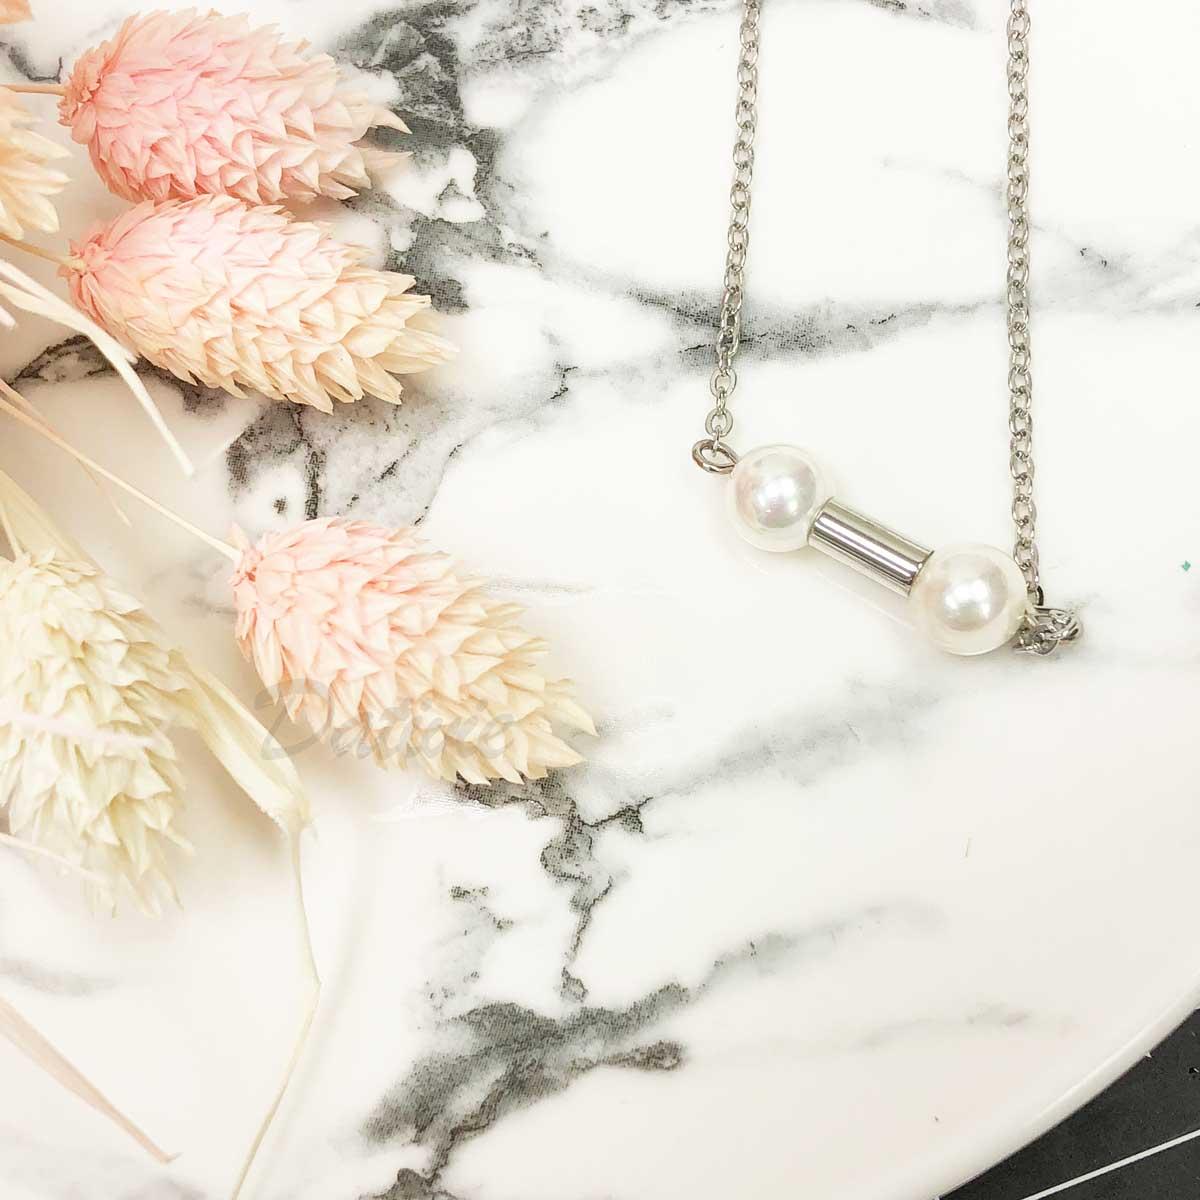 韓國 珍珠 對稱雙珍珠 優雅 氣質款 水鑽項鍊